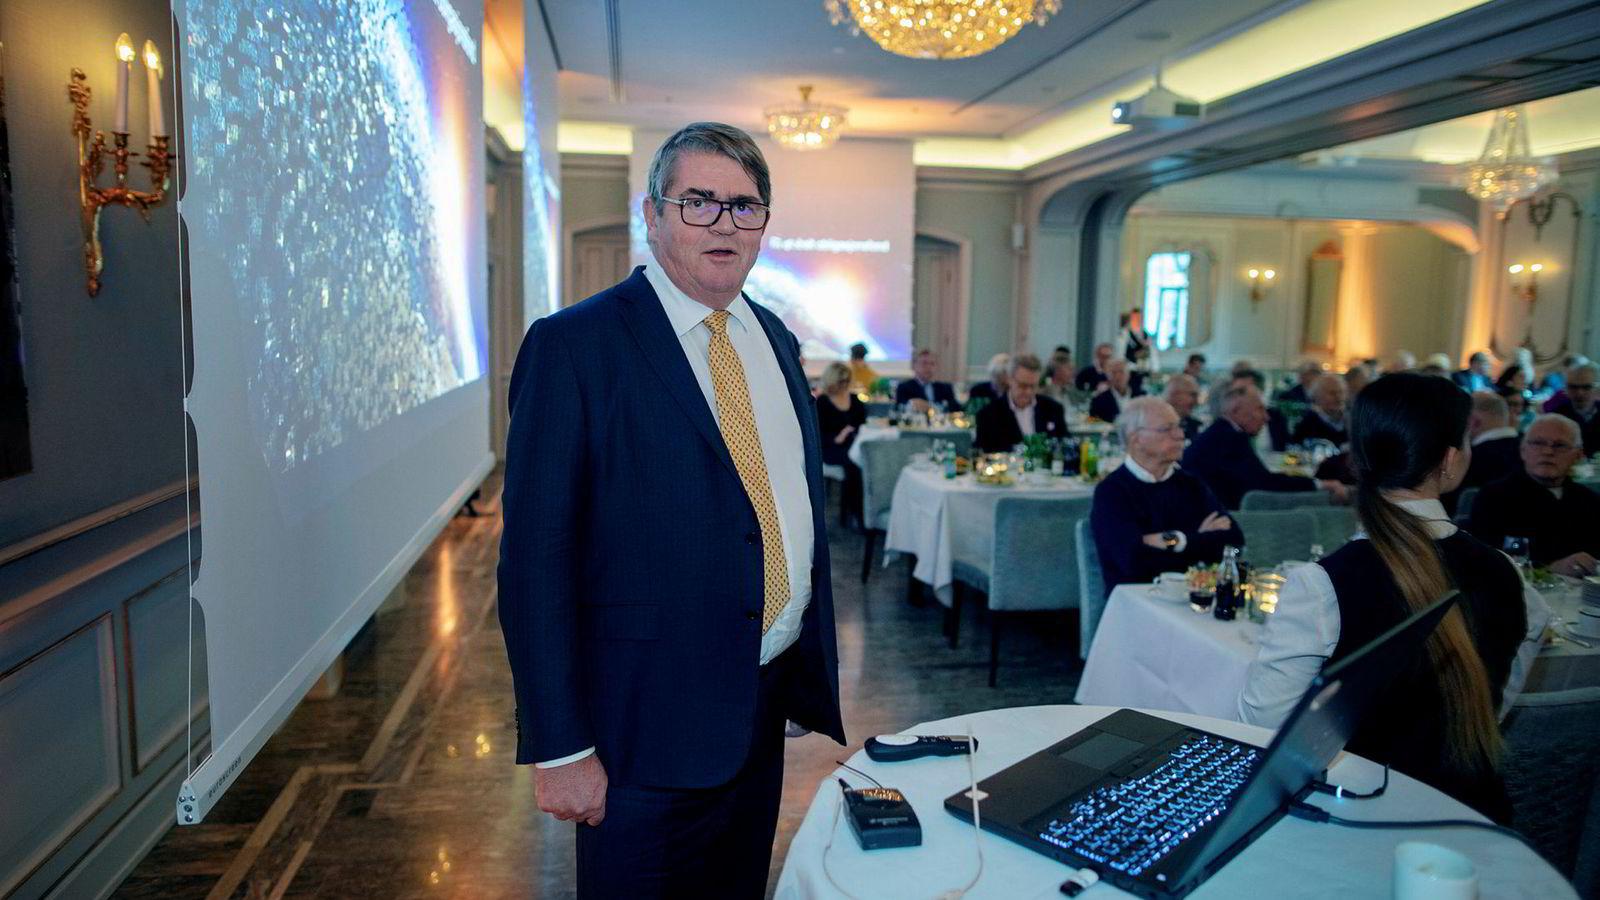 Forvalter Jan Petter Sissener samlet onsdag investorer og kunder på Theatersalen på Hotel Continental i Oslo for å snakke om finansmarkedene og fortelle om sine gamle og nye fond.